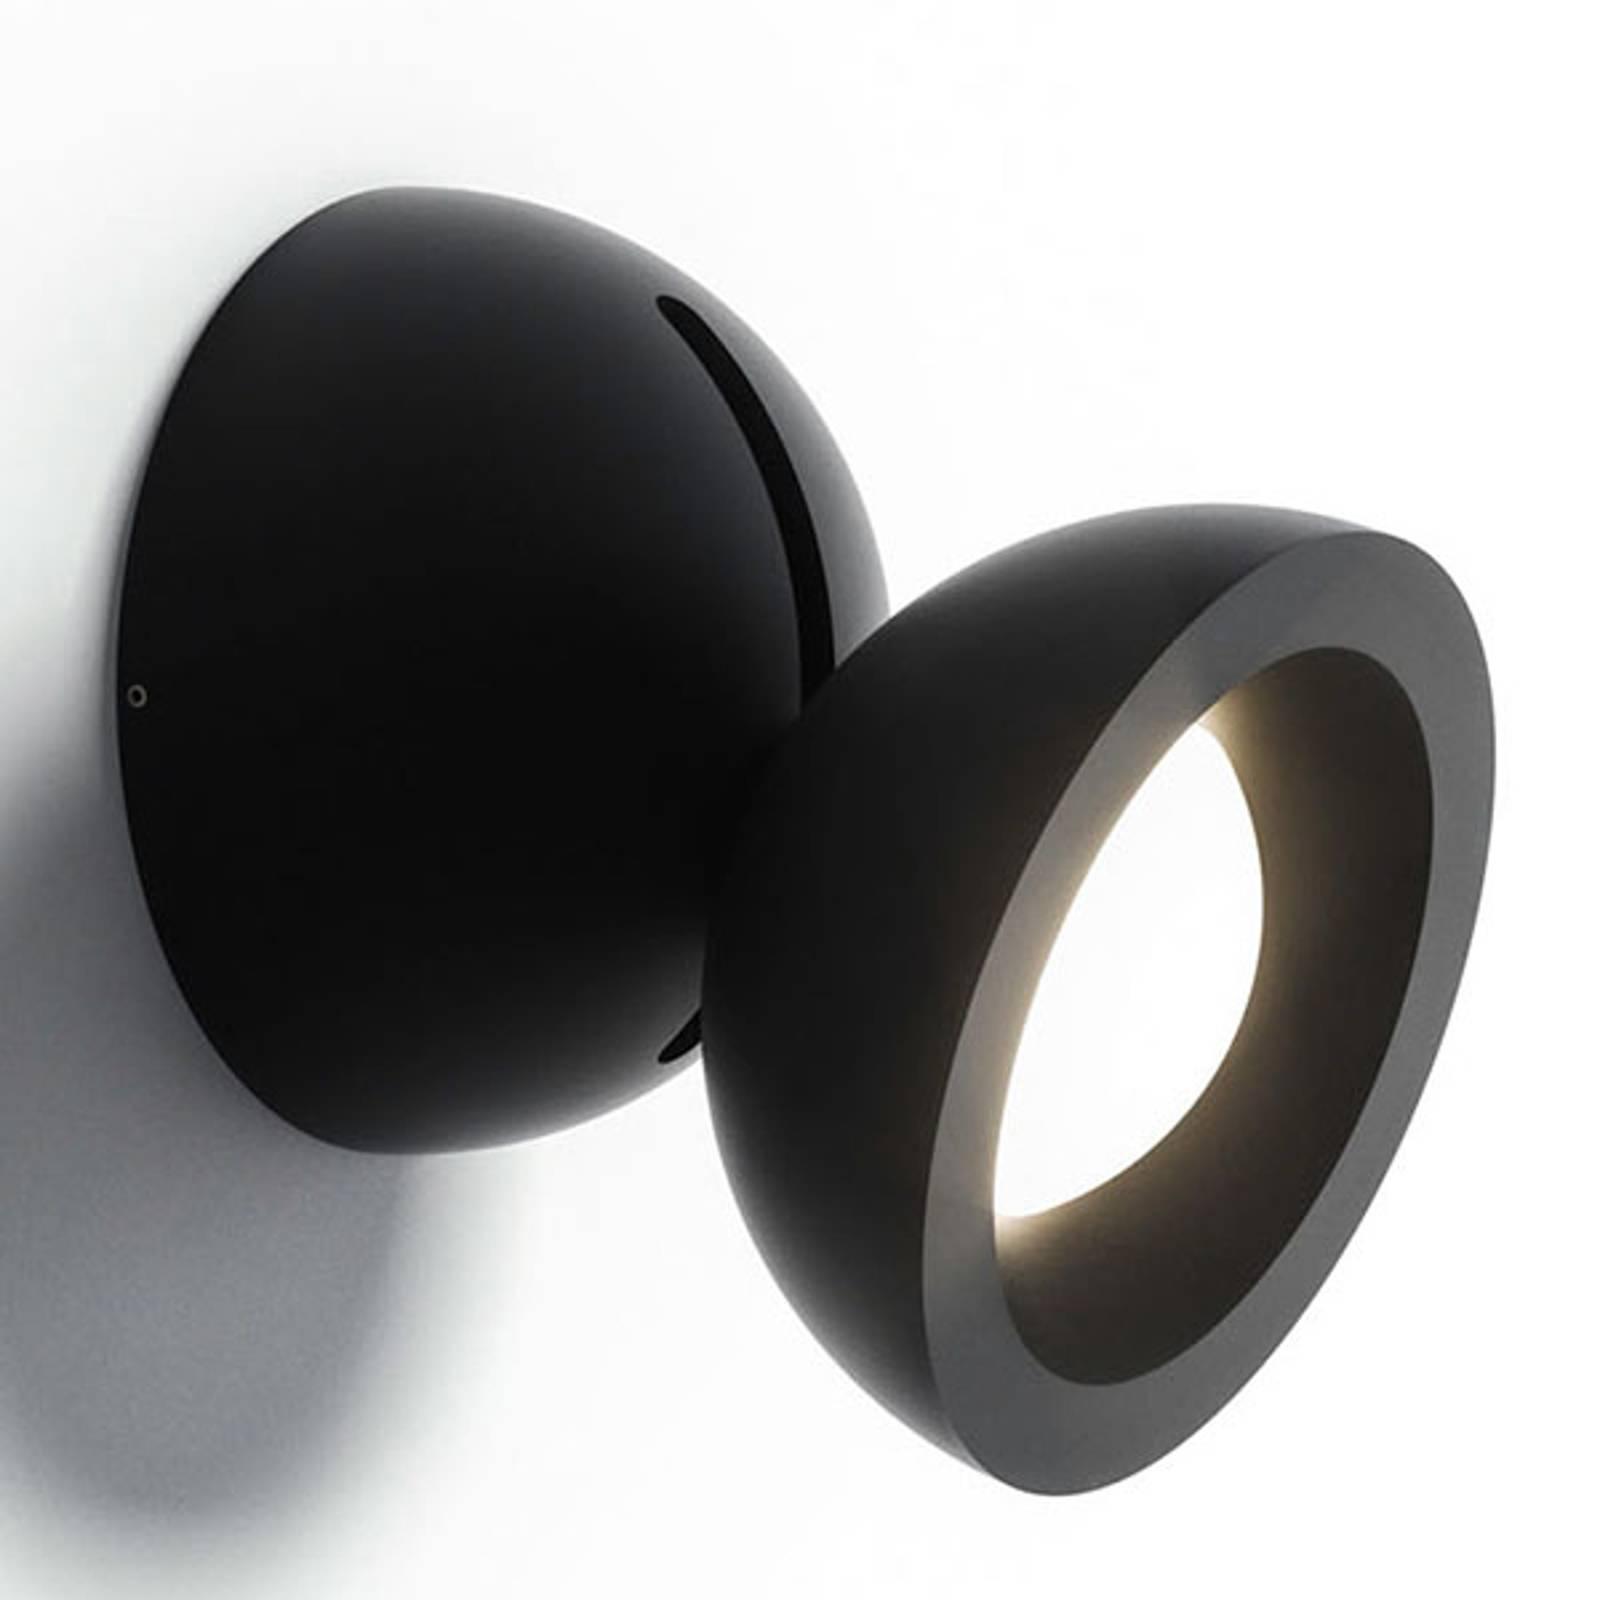 Axolight DoDot LED-seinävalaisin, musta 15°